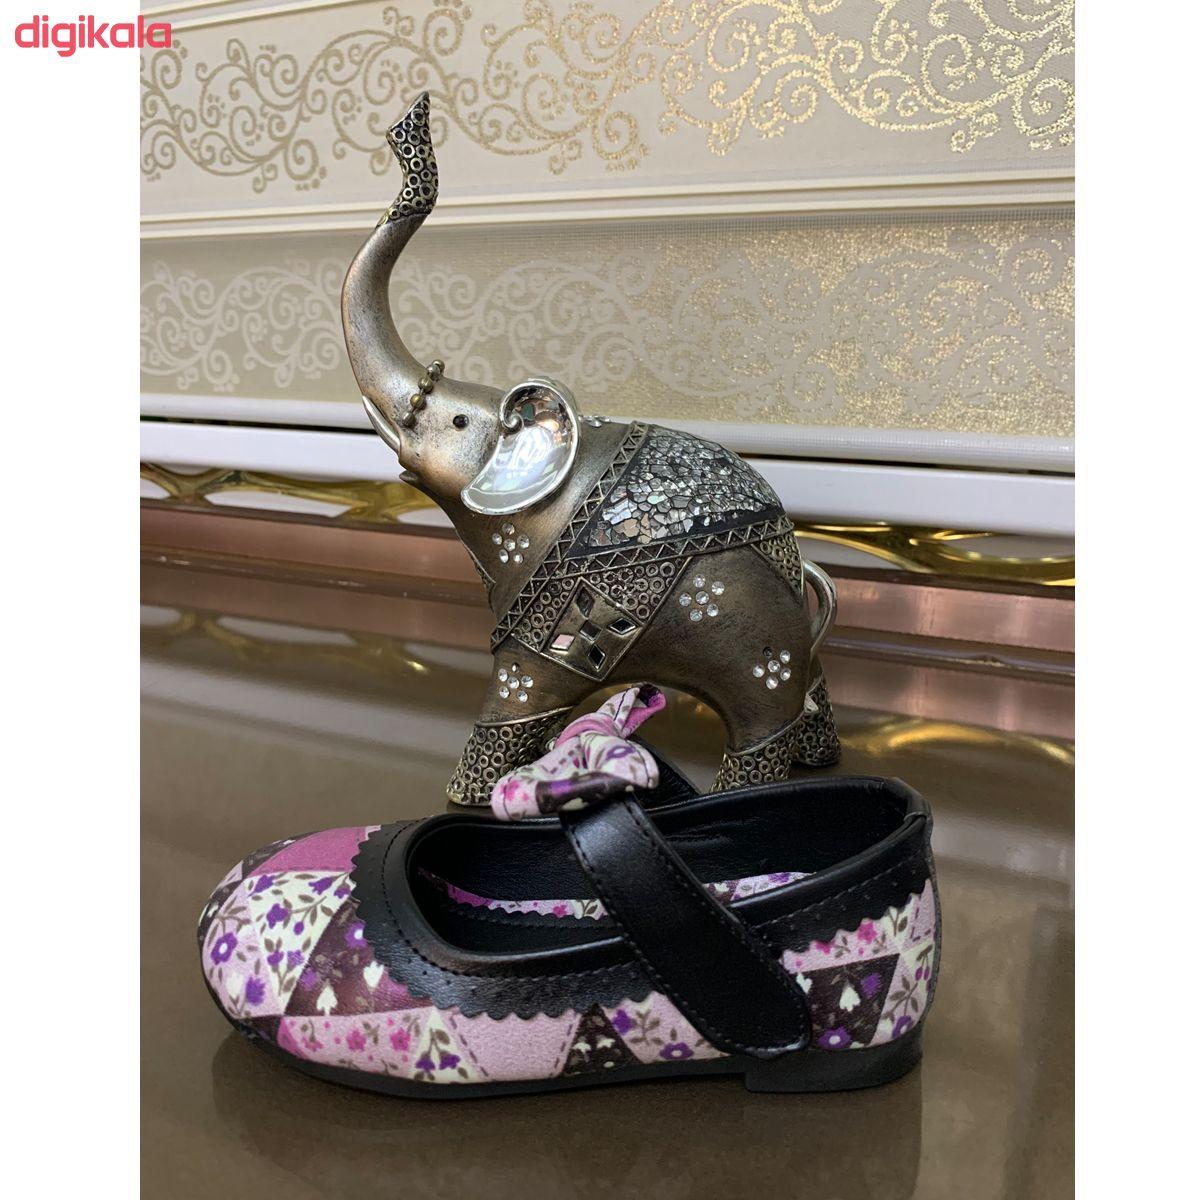 کفش دخترانه طرح گلزار مدل 98500